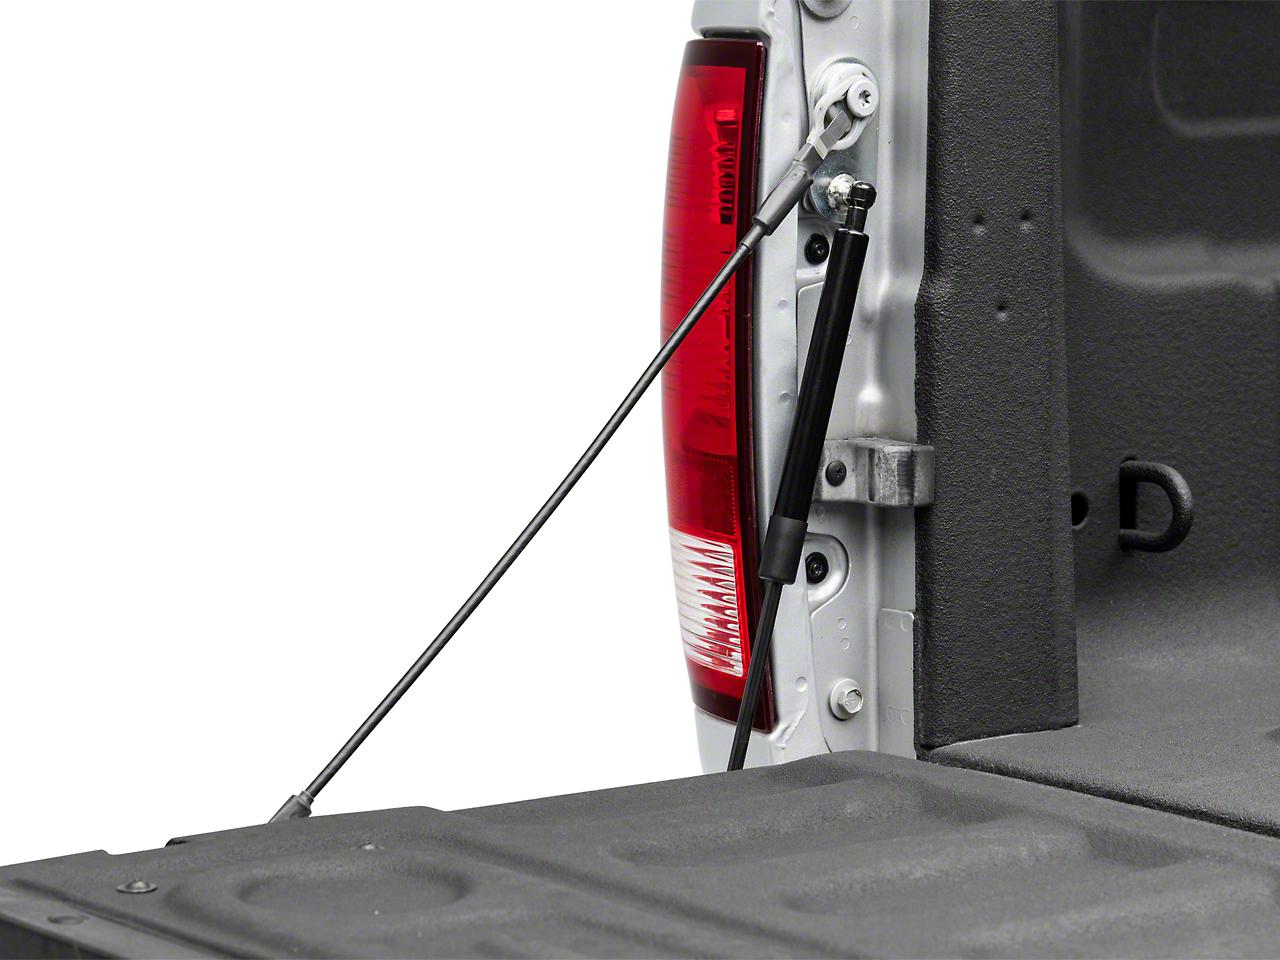 RedRock 4x4 Tailgate Assist (09-18 RAM 1500)